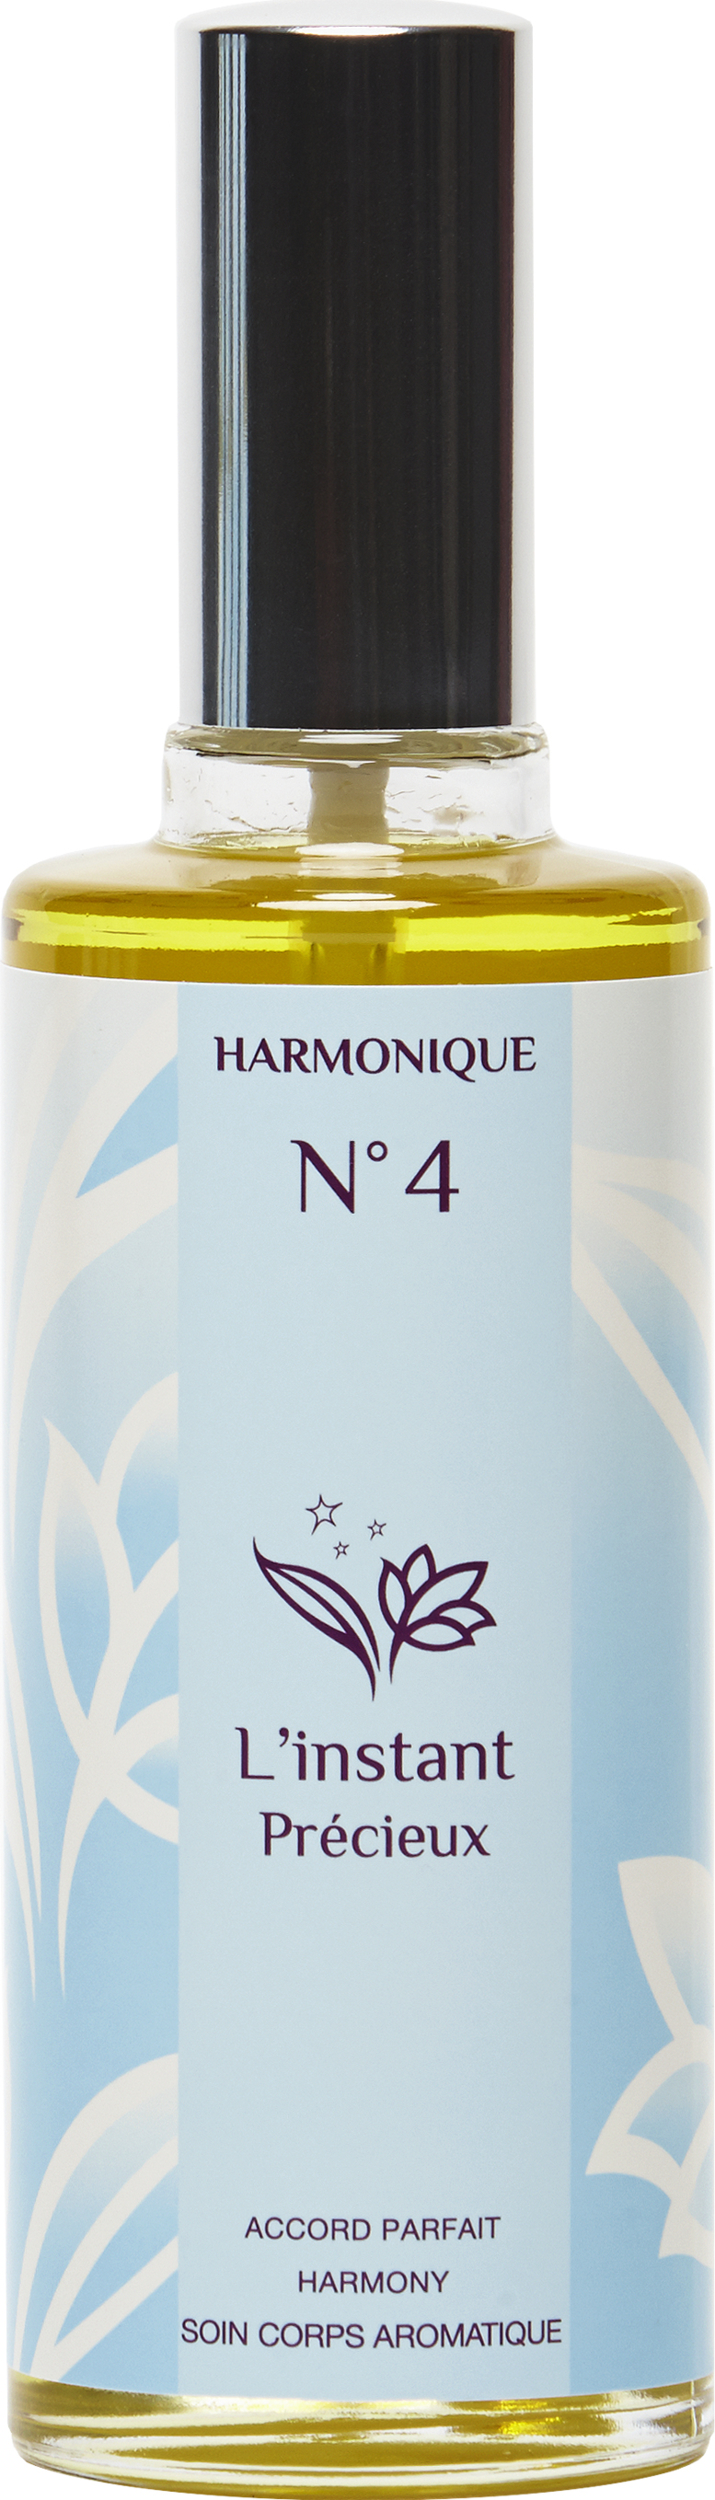 Doux Good - Douces Angevines - L Instant Précieux Harmonique 4